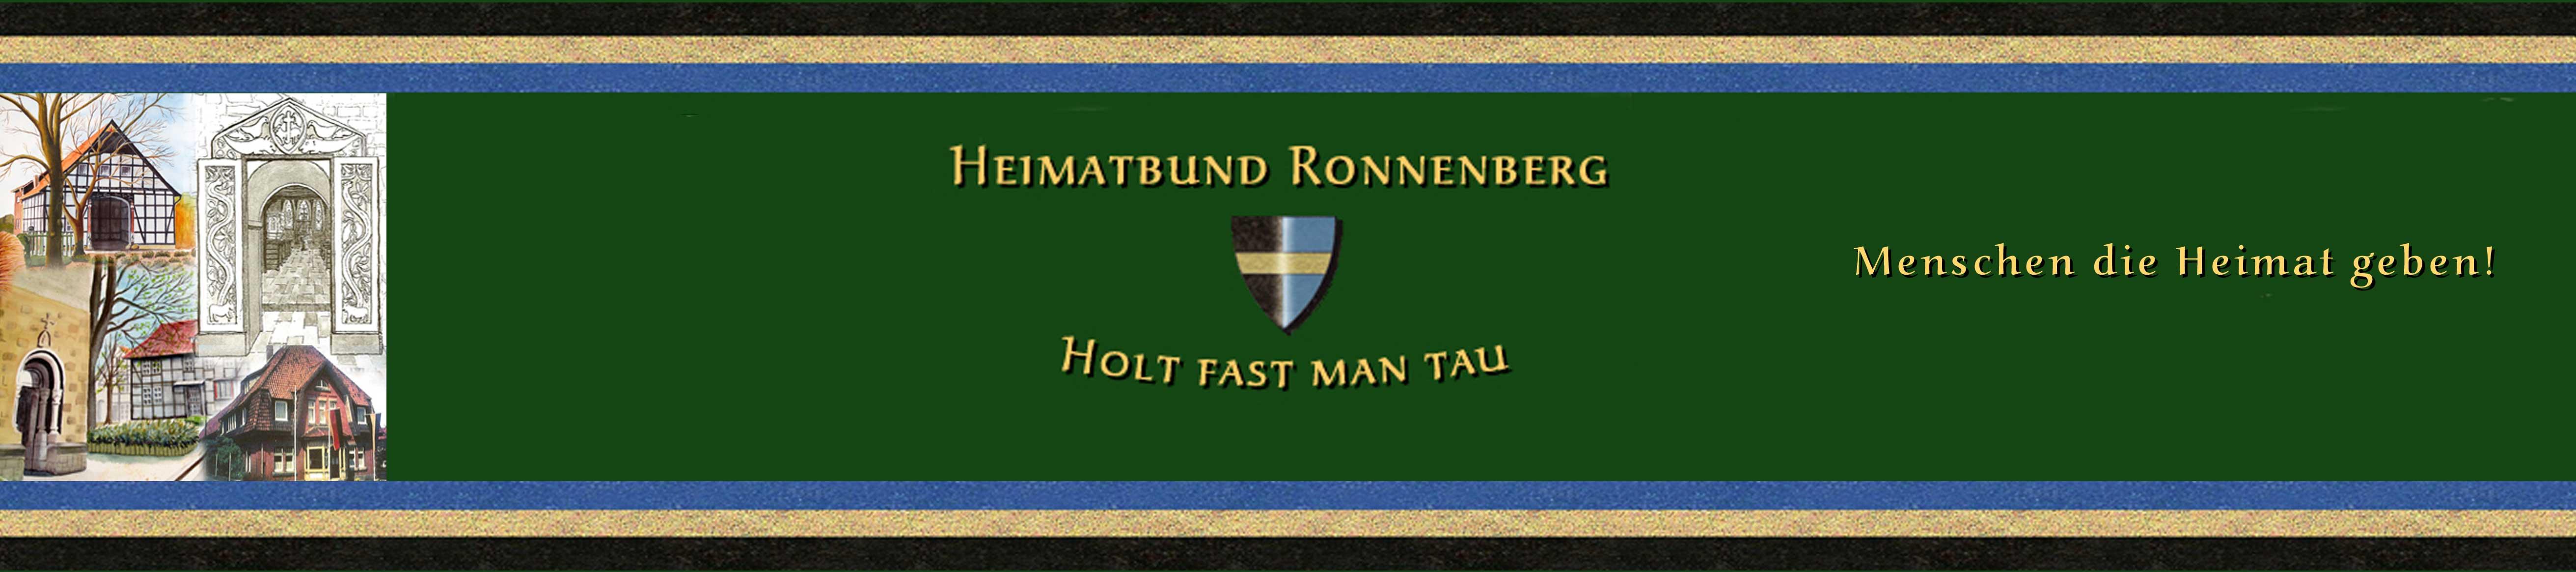 Heimatbund Ronnenberg